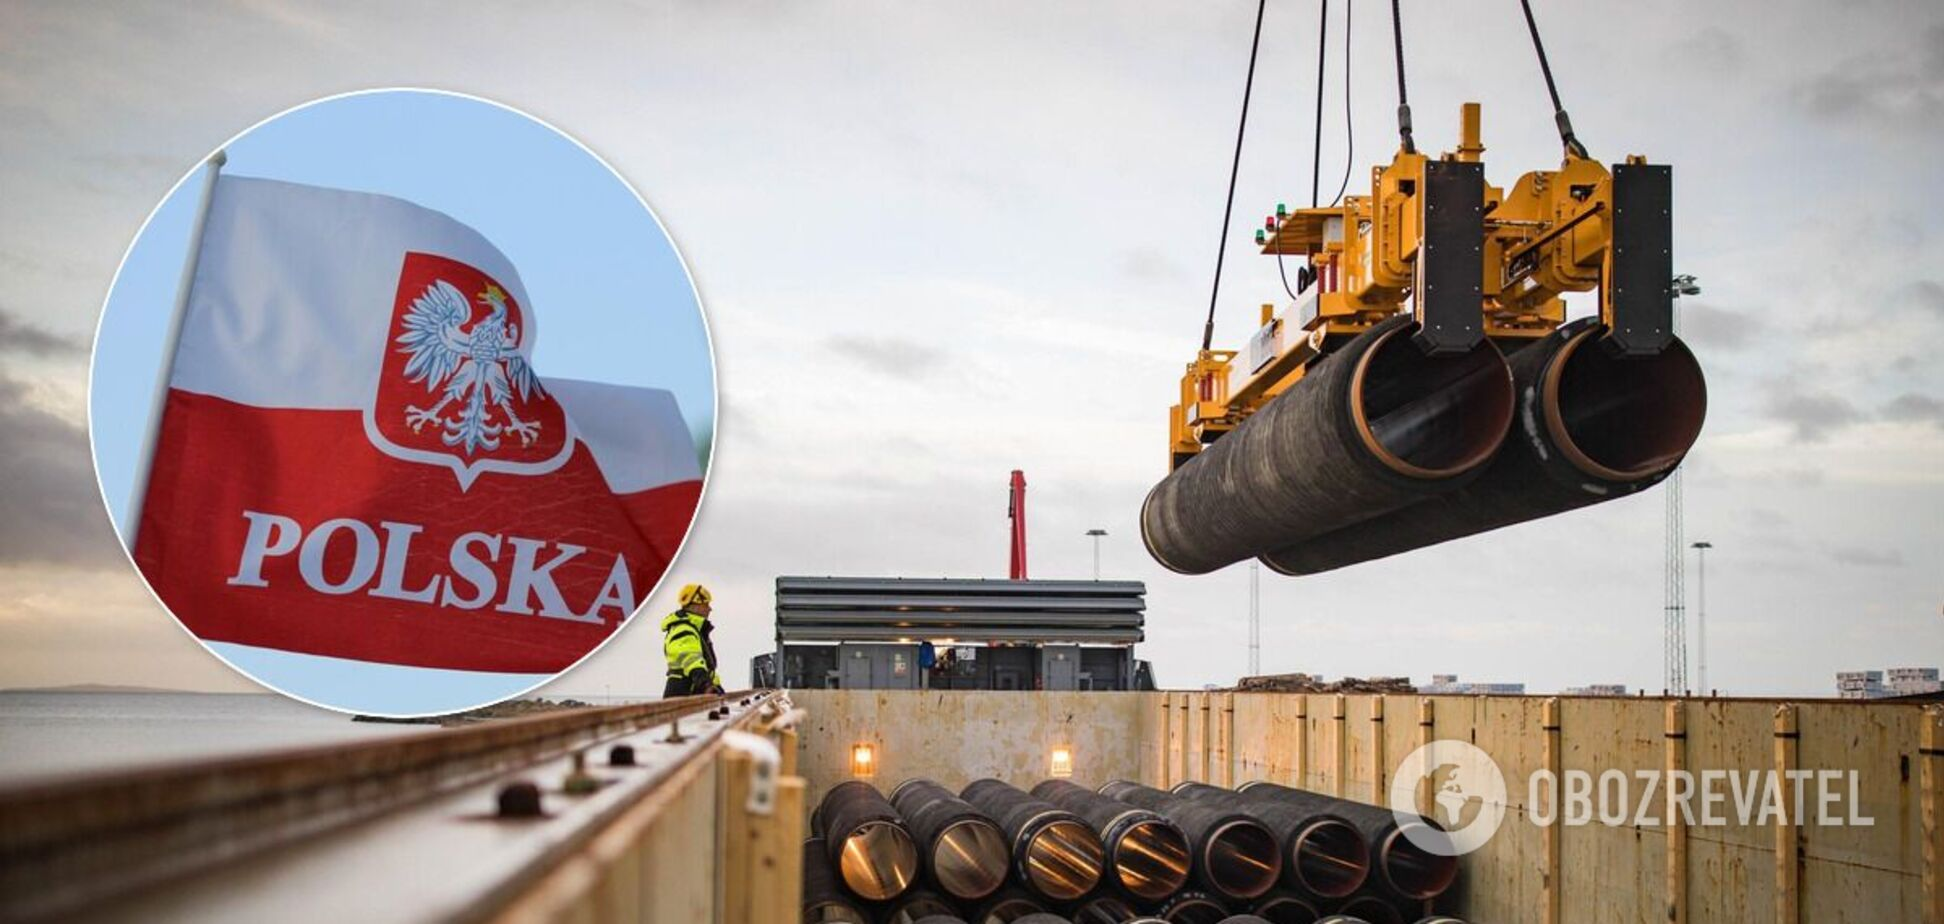 'Северный поток-2' угрожает нашей энергобезопасности и уже вбивает клин между союзниками – МИД Польши